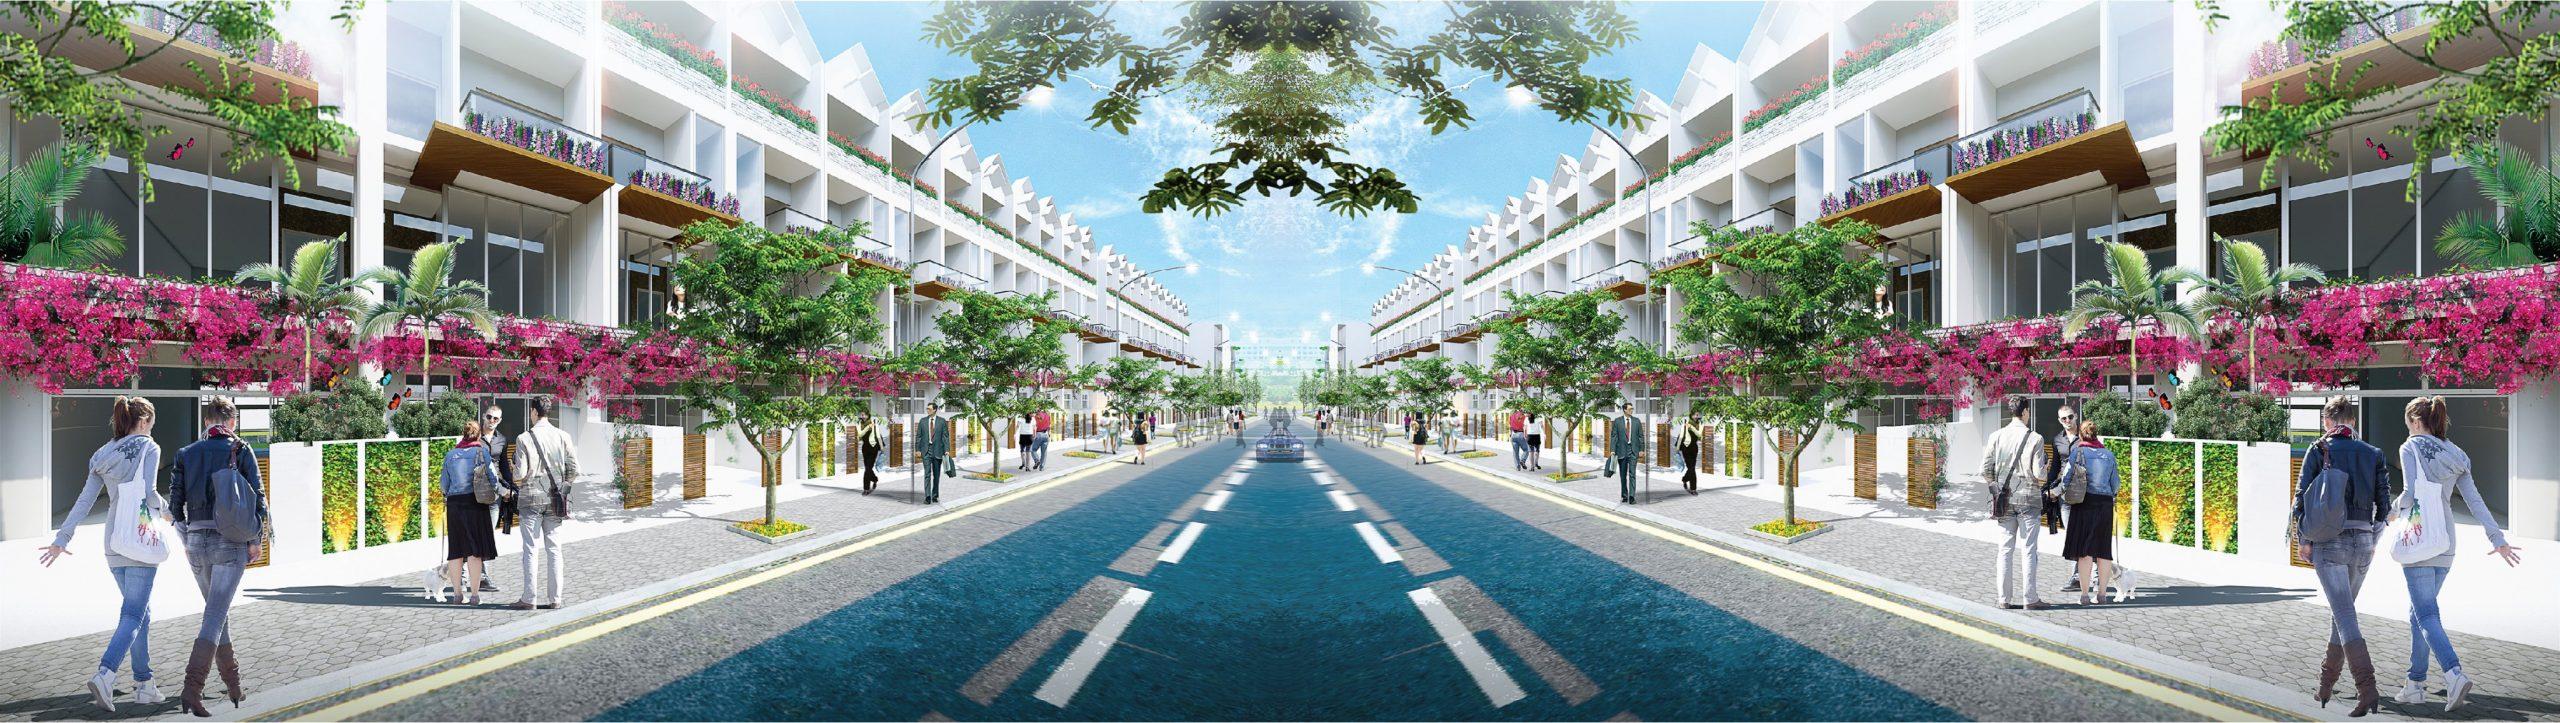 Đến với Lic City Phú Mỹ Là Quý khách hàng đã sở hữu trong tay viên ngọc sáng giữa làng sóng thịnh vượng của thị trường bất động sản Bà Rịa – Vũng Tàu nói riêng, và khu vực Đông Nam Bộ nói chung…